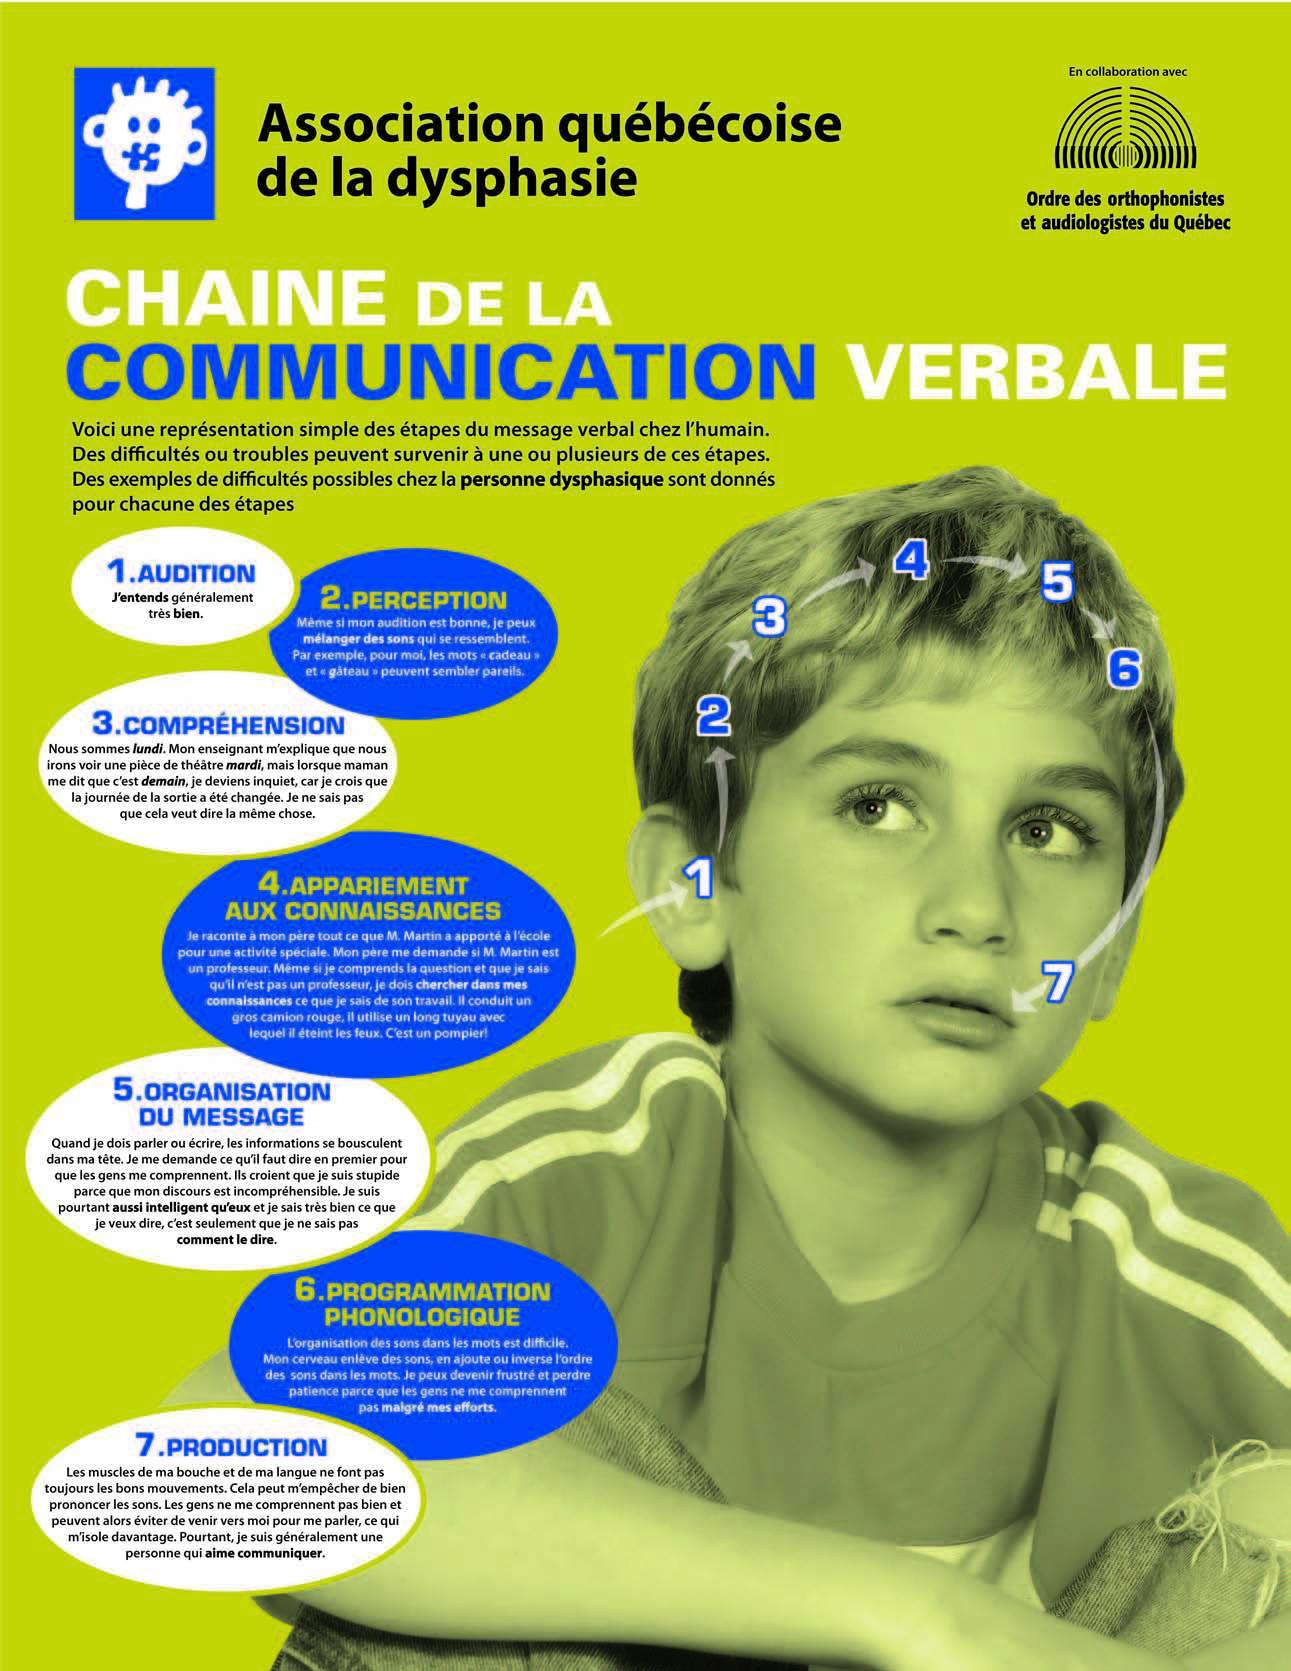 Chaine de la communication verbale